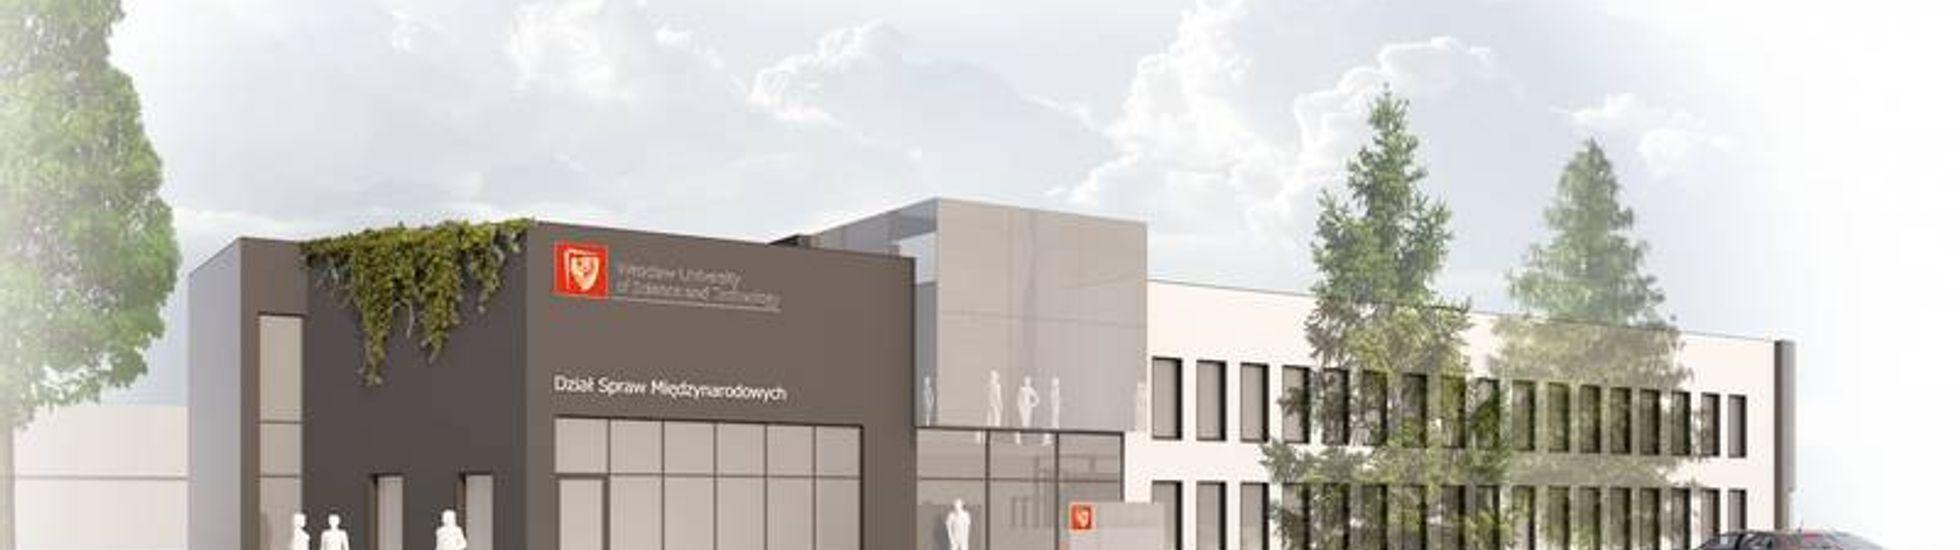 Politechnika Wrocławska projektuje nad Odrą nowe centrum badawcze